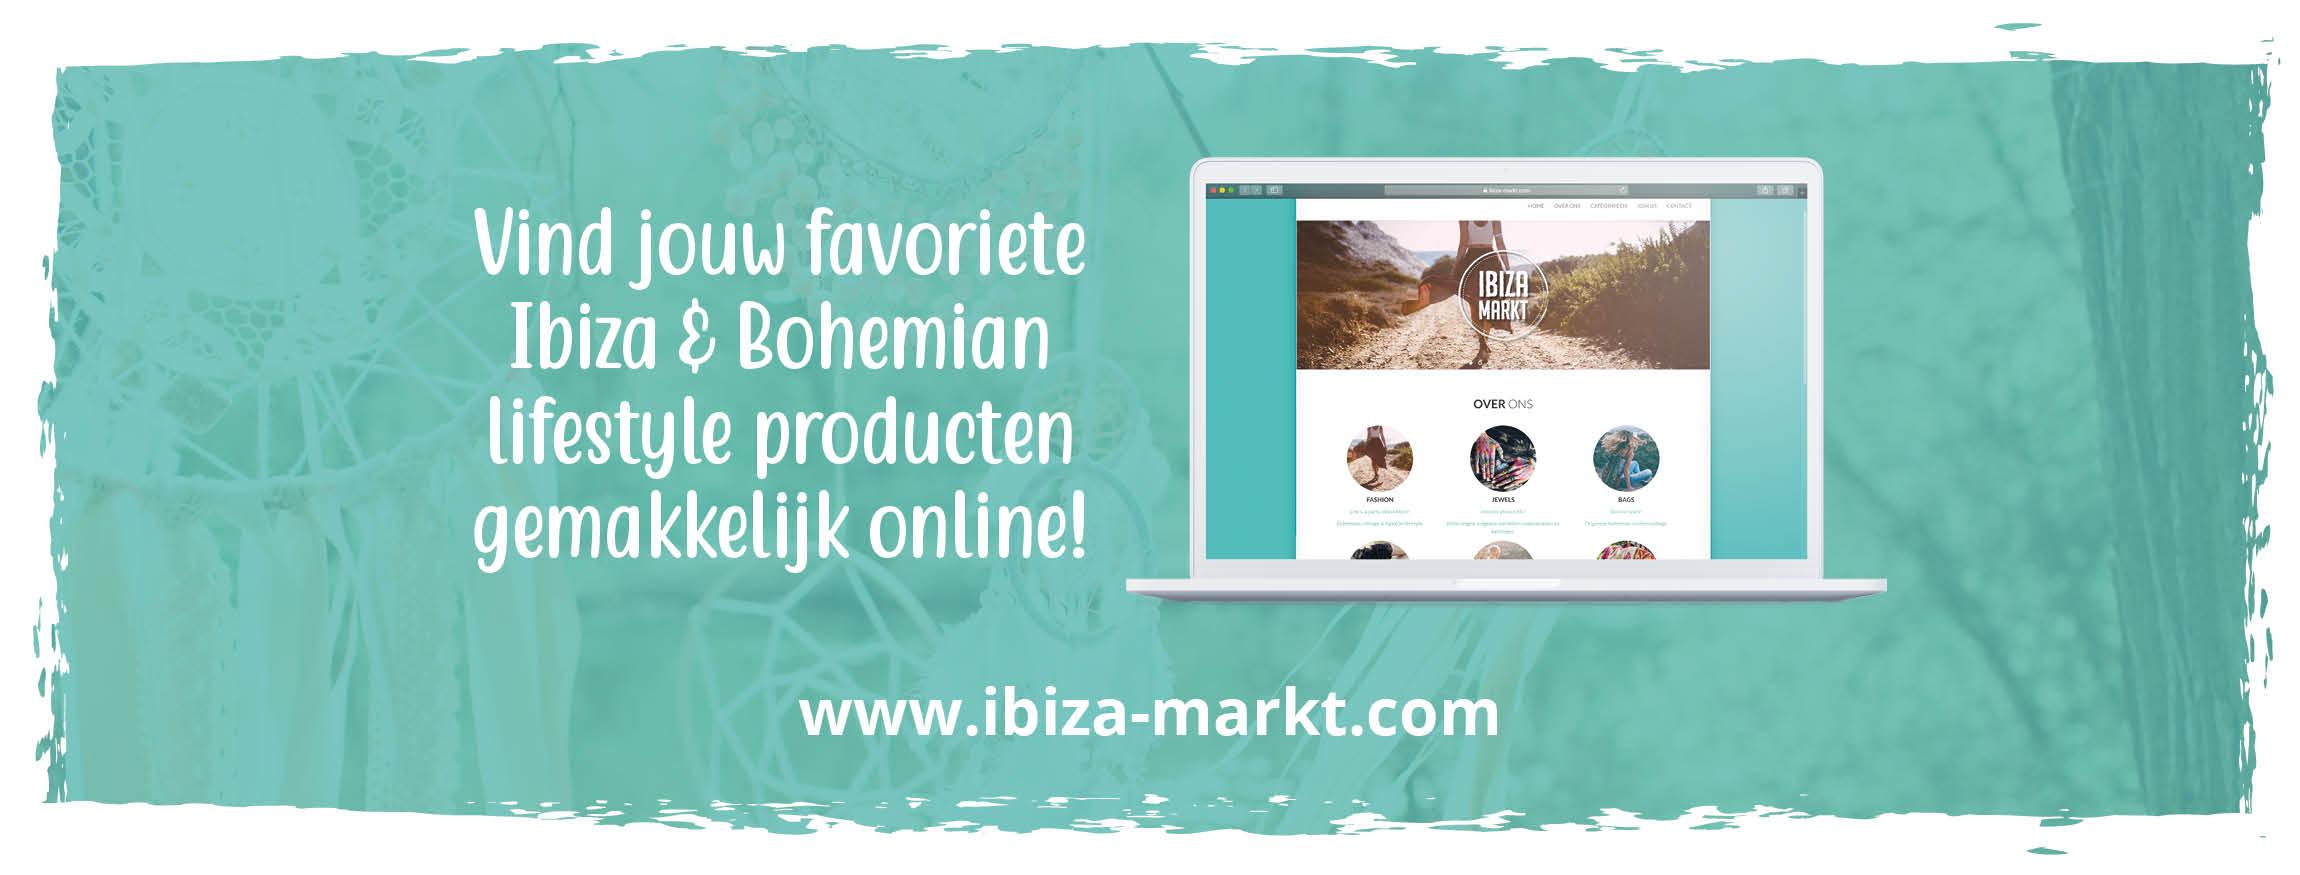 Ibiza markt banner 2020